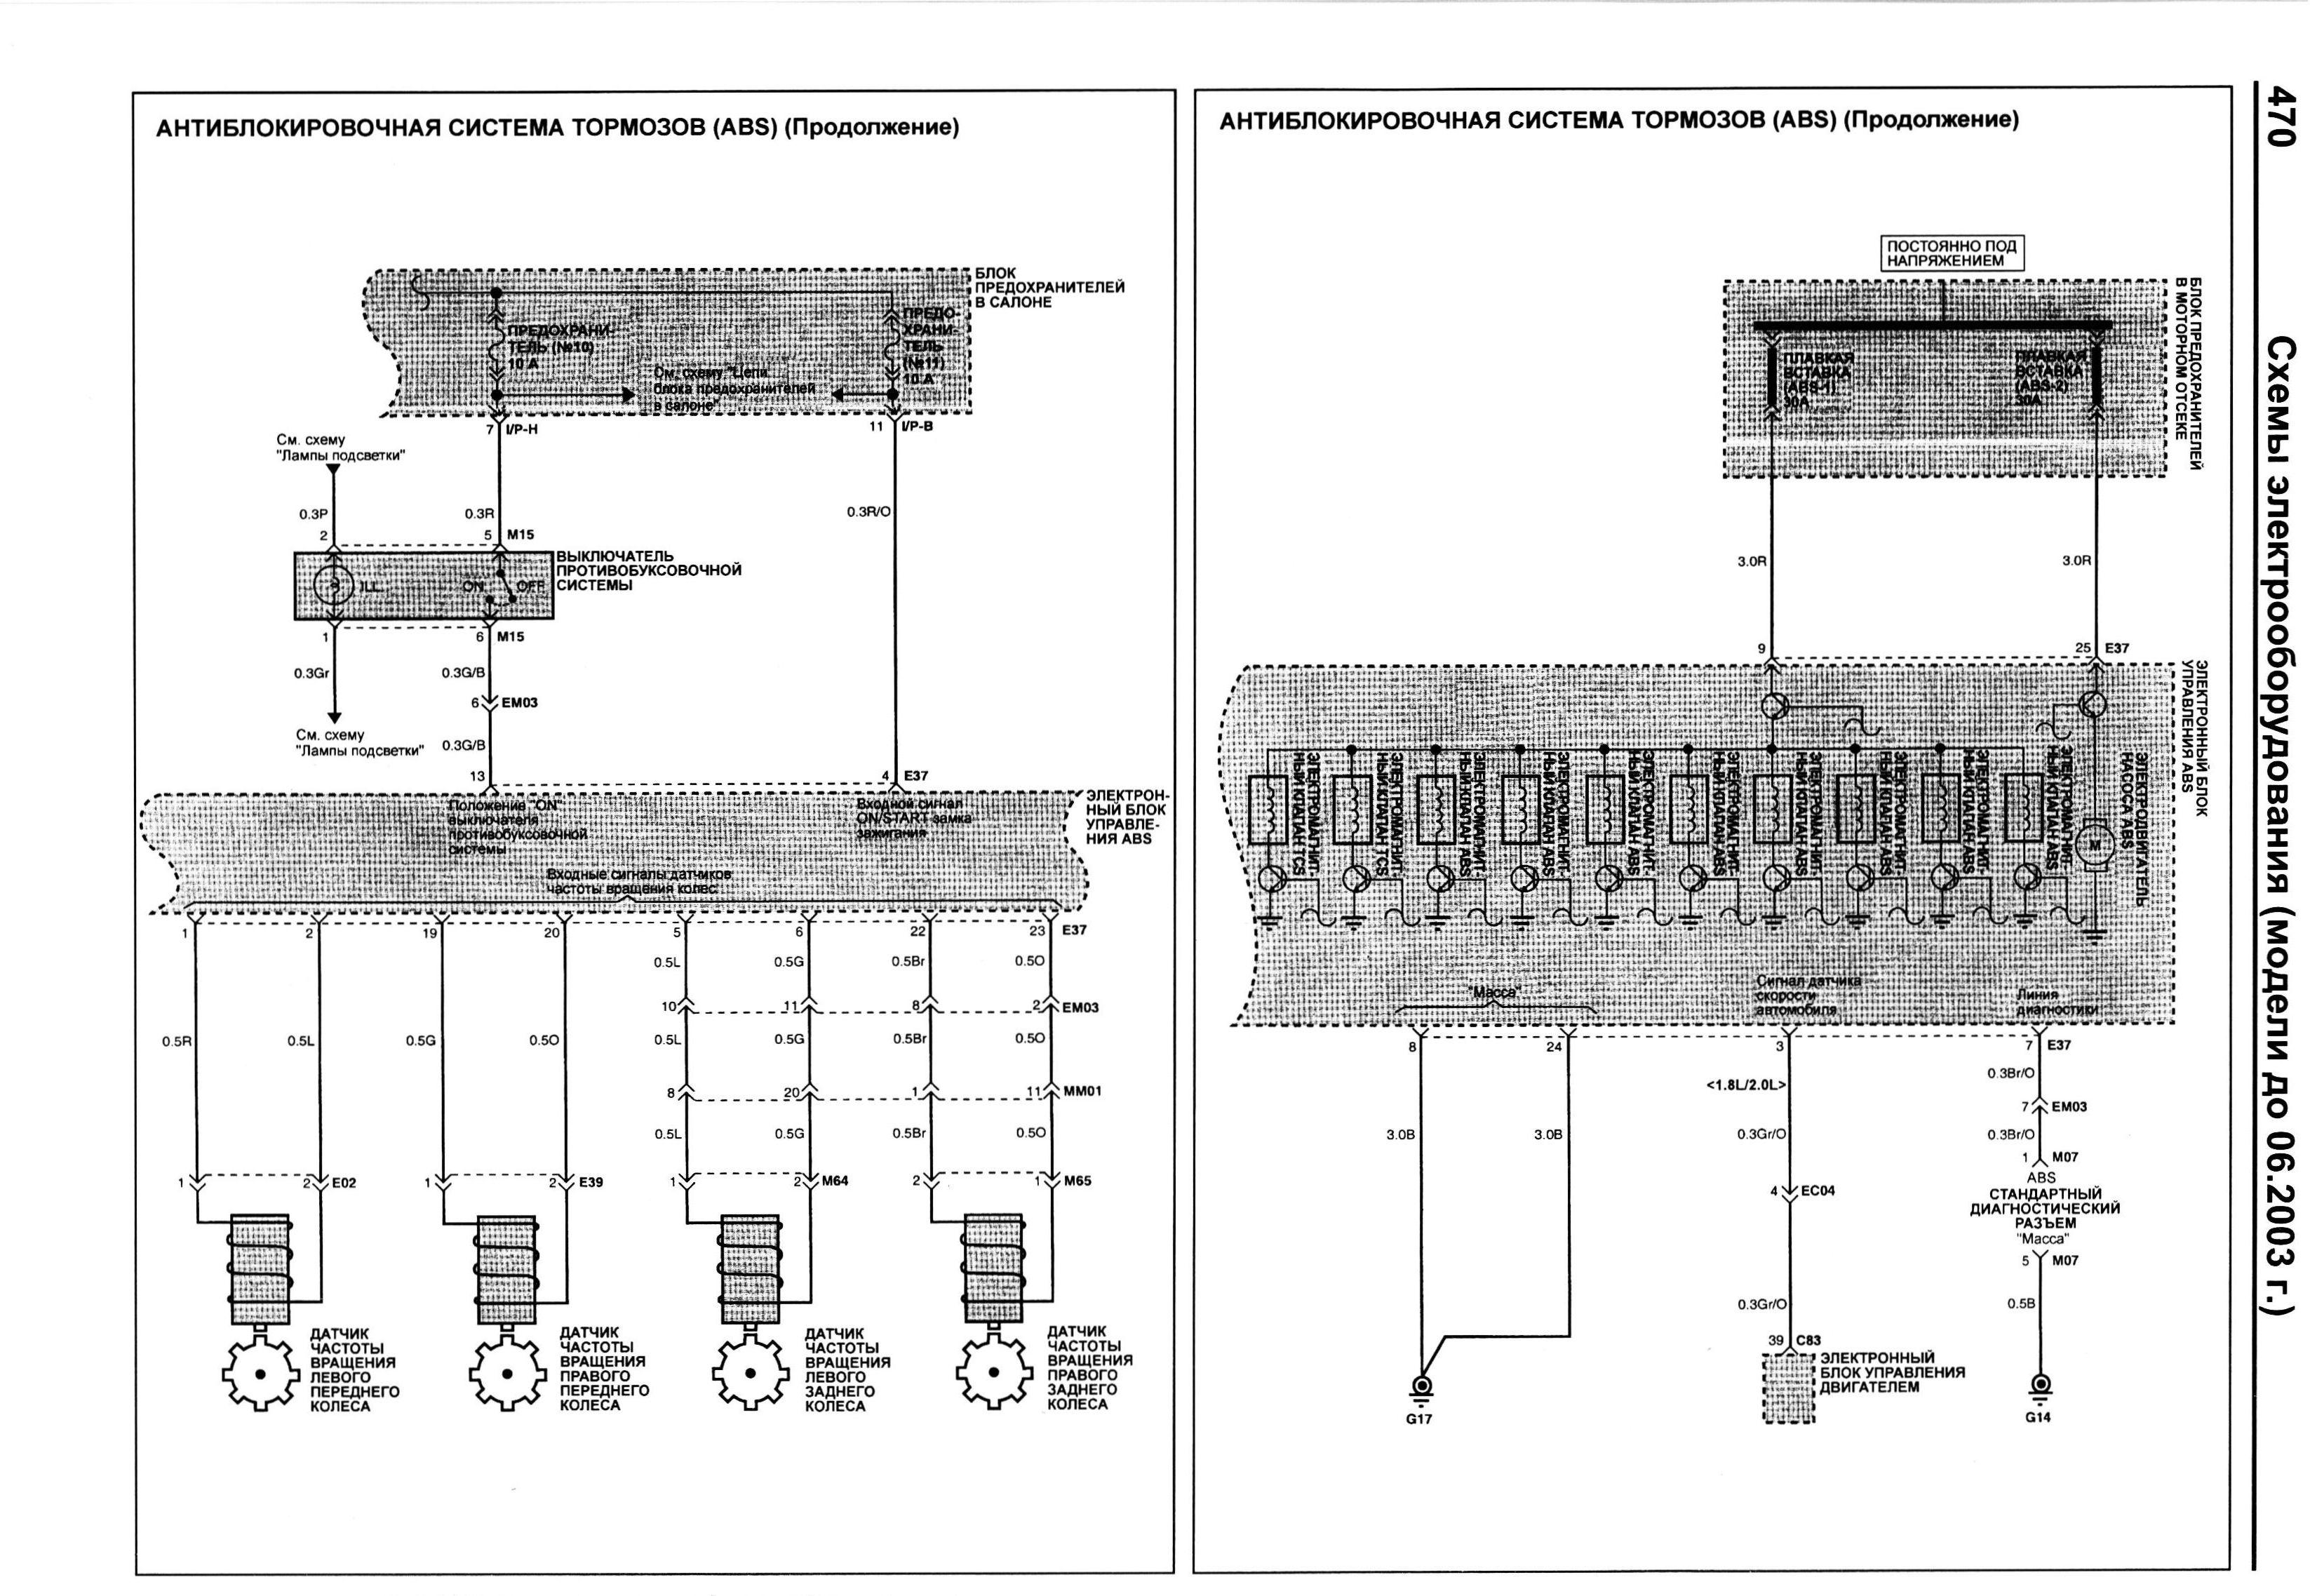 Хендай элантра 2005 схема предохранителей